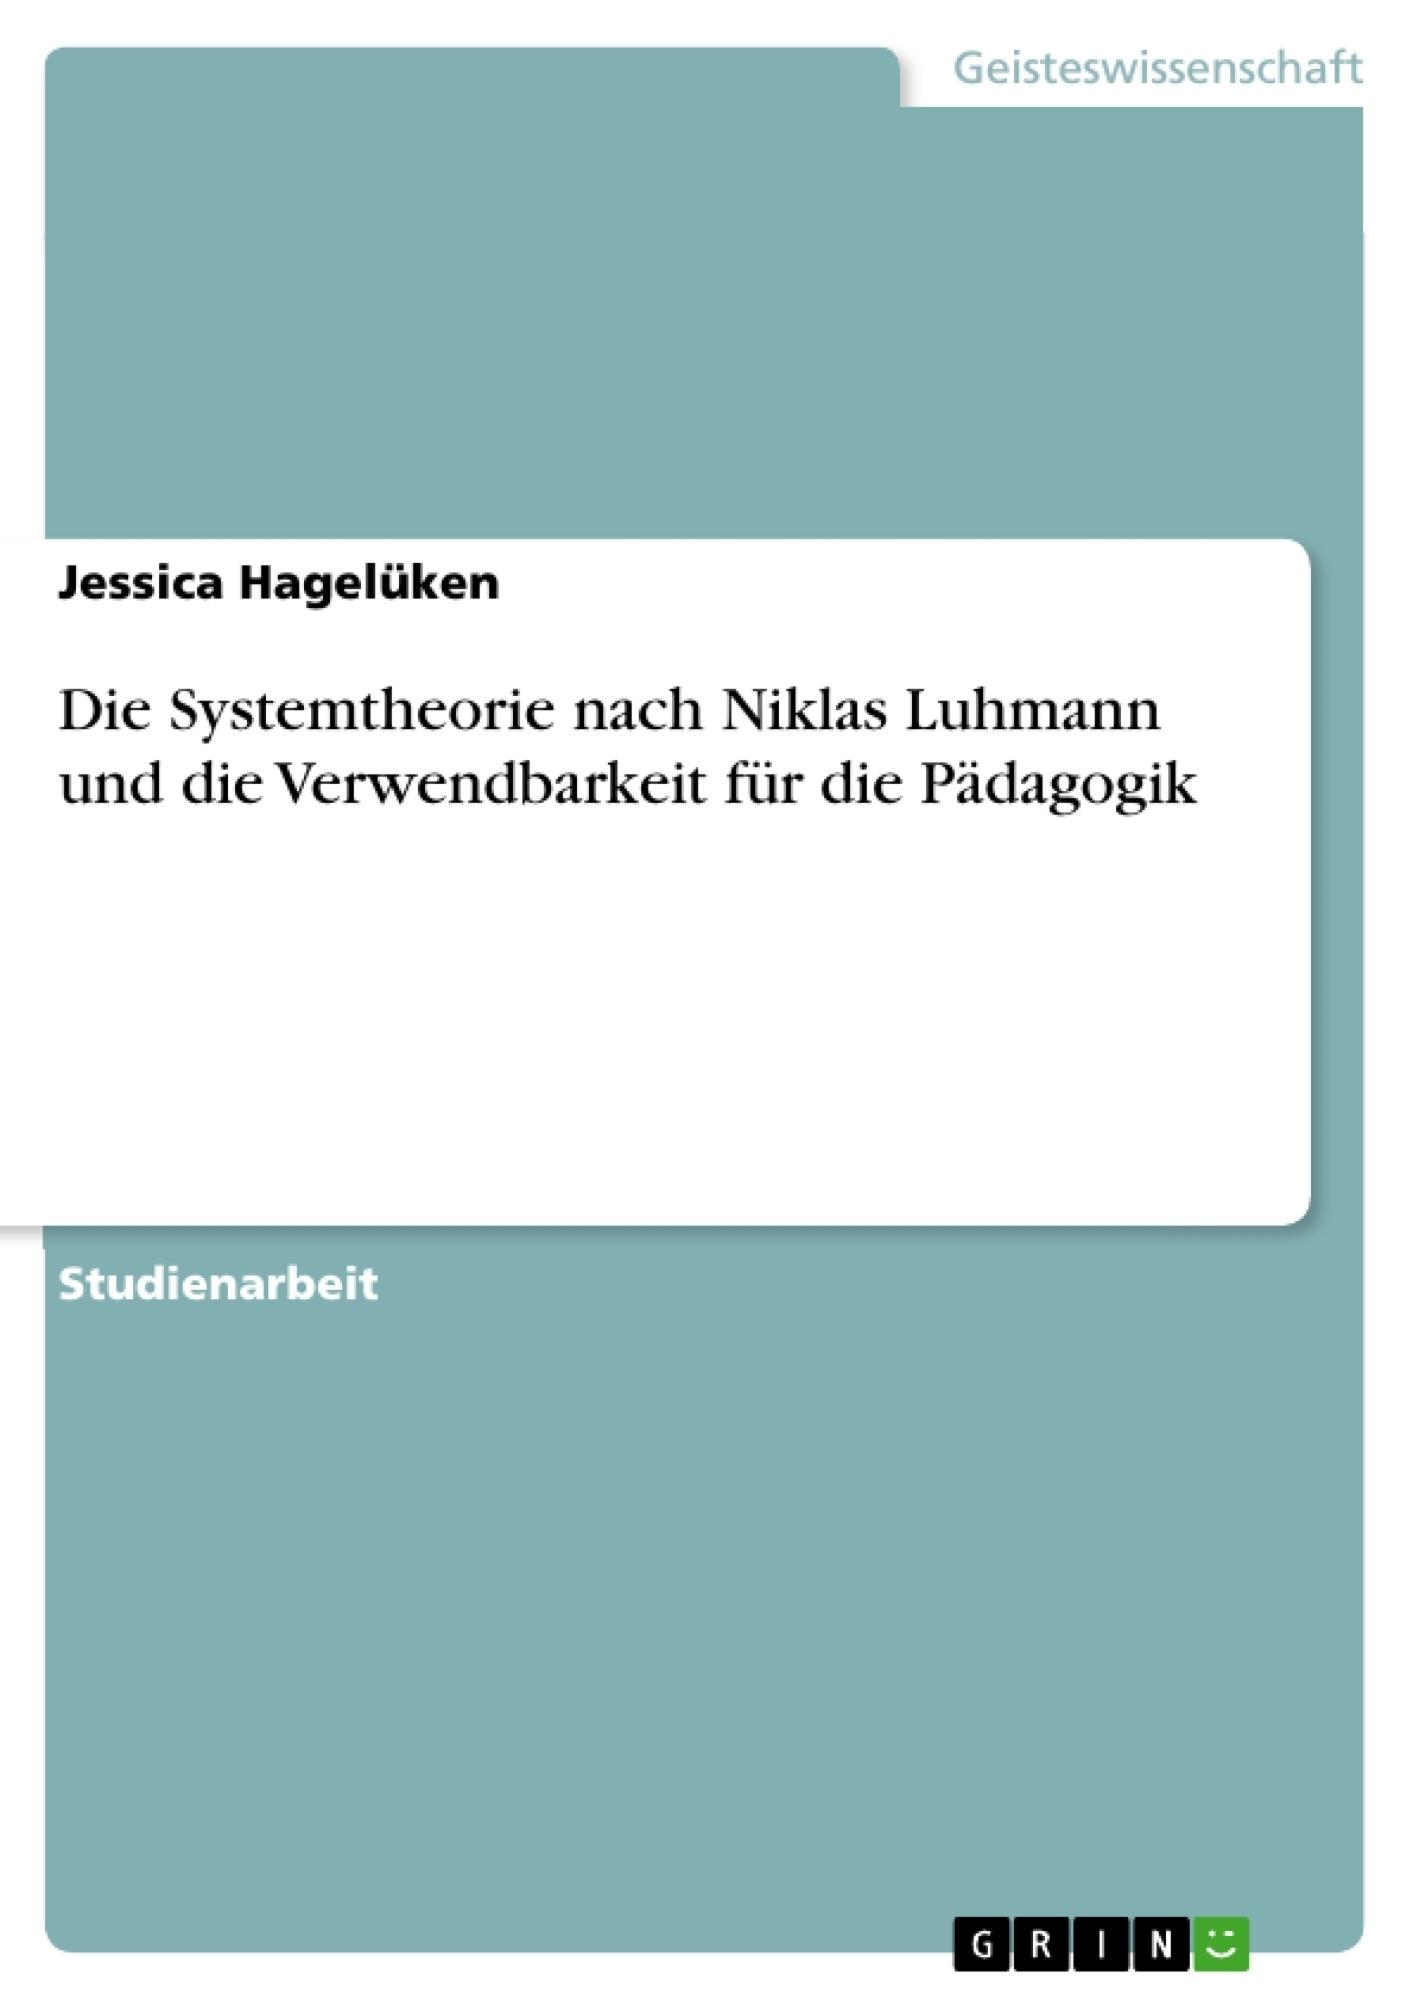 Titel: Die Systemtheorie nach Niklas Luhmann und die Verwendbarkeit für die Pädagogik